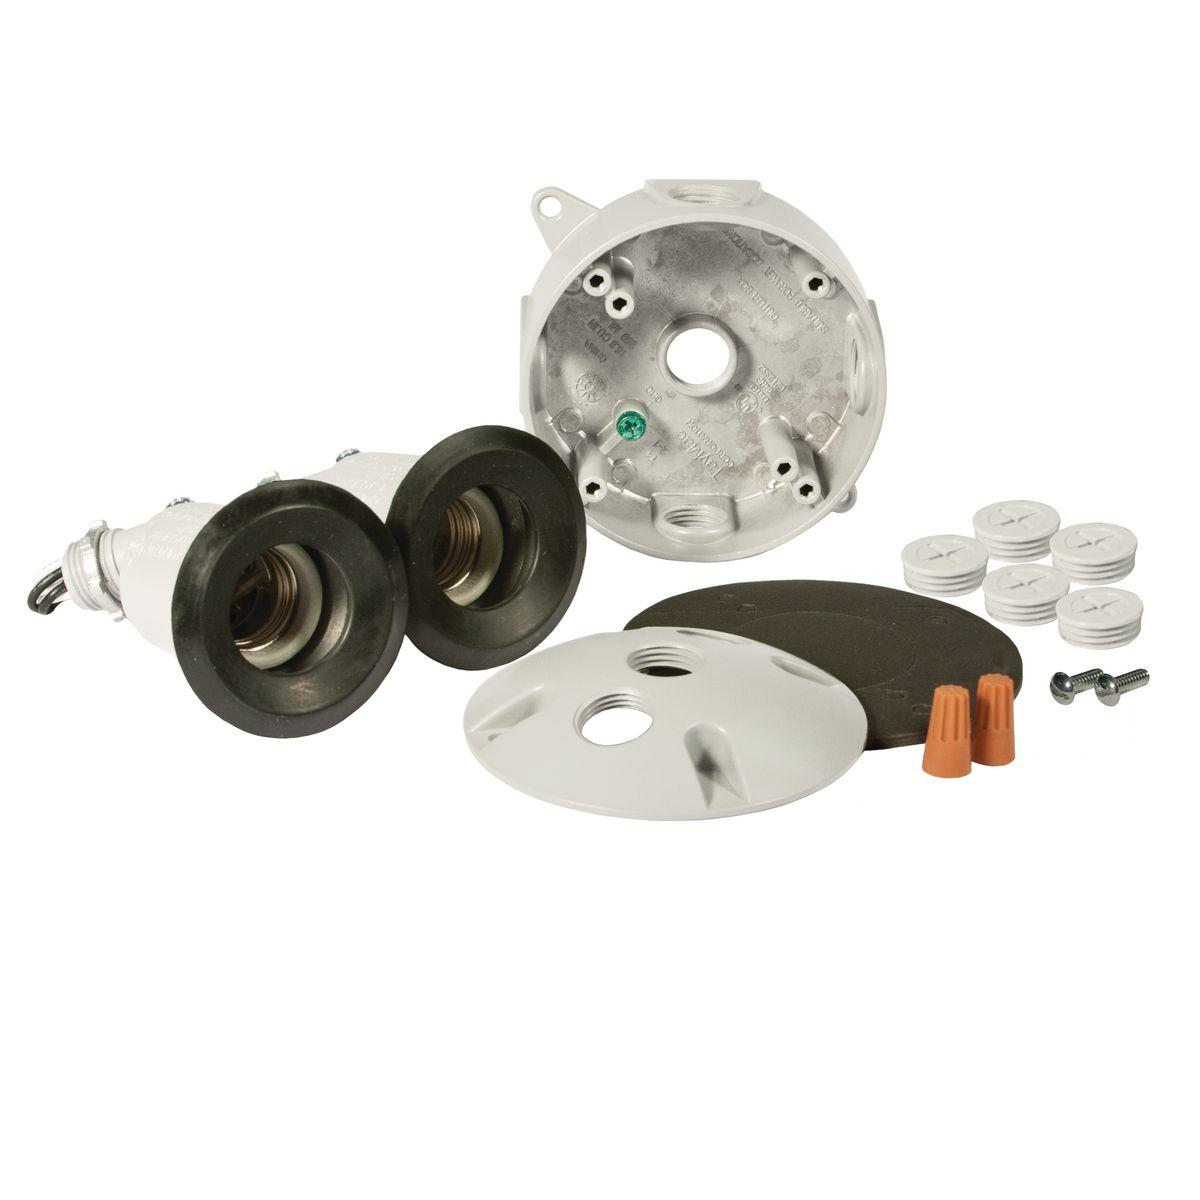 RND WP KIT BOX / CVR /(2)LAMPHOLDERS WHT